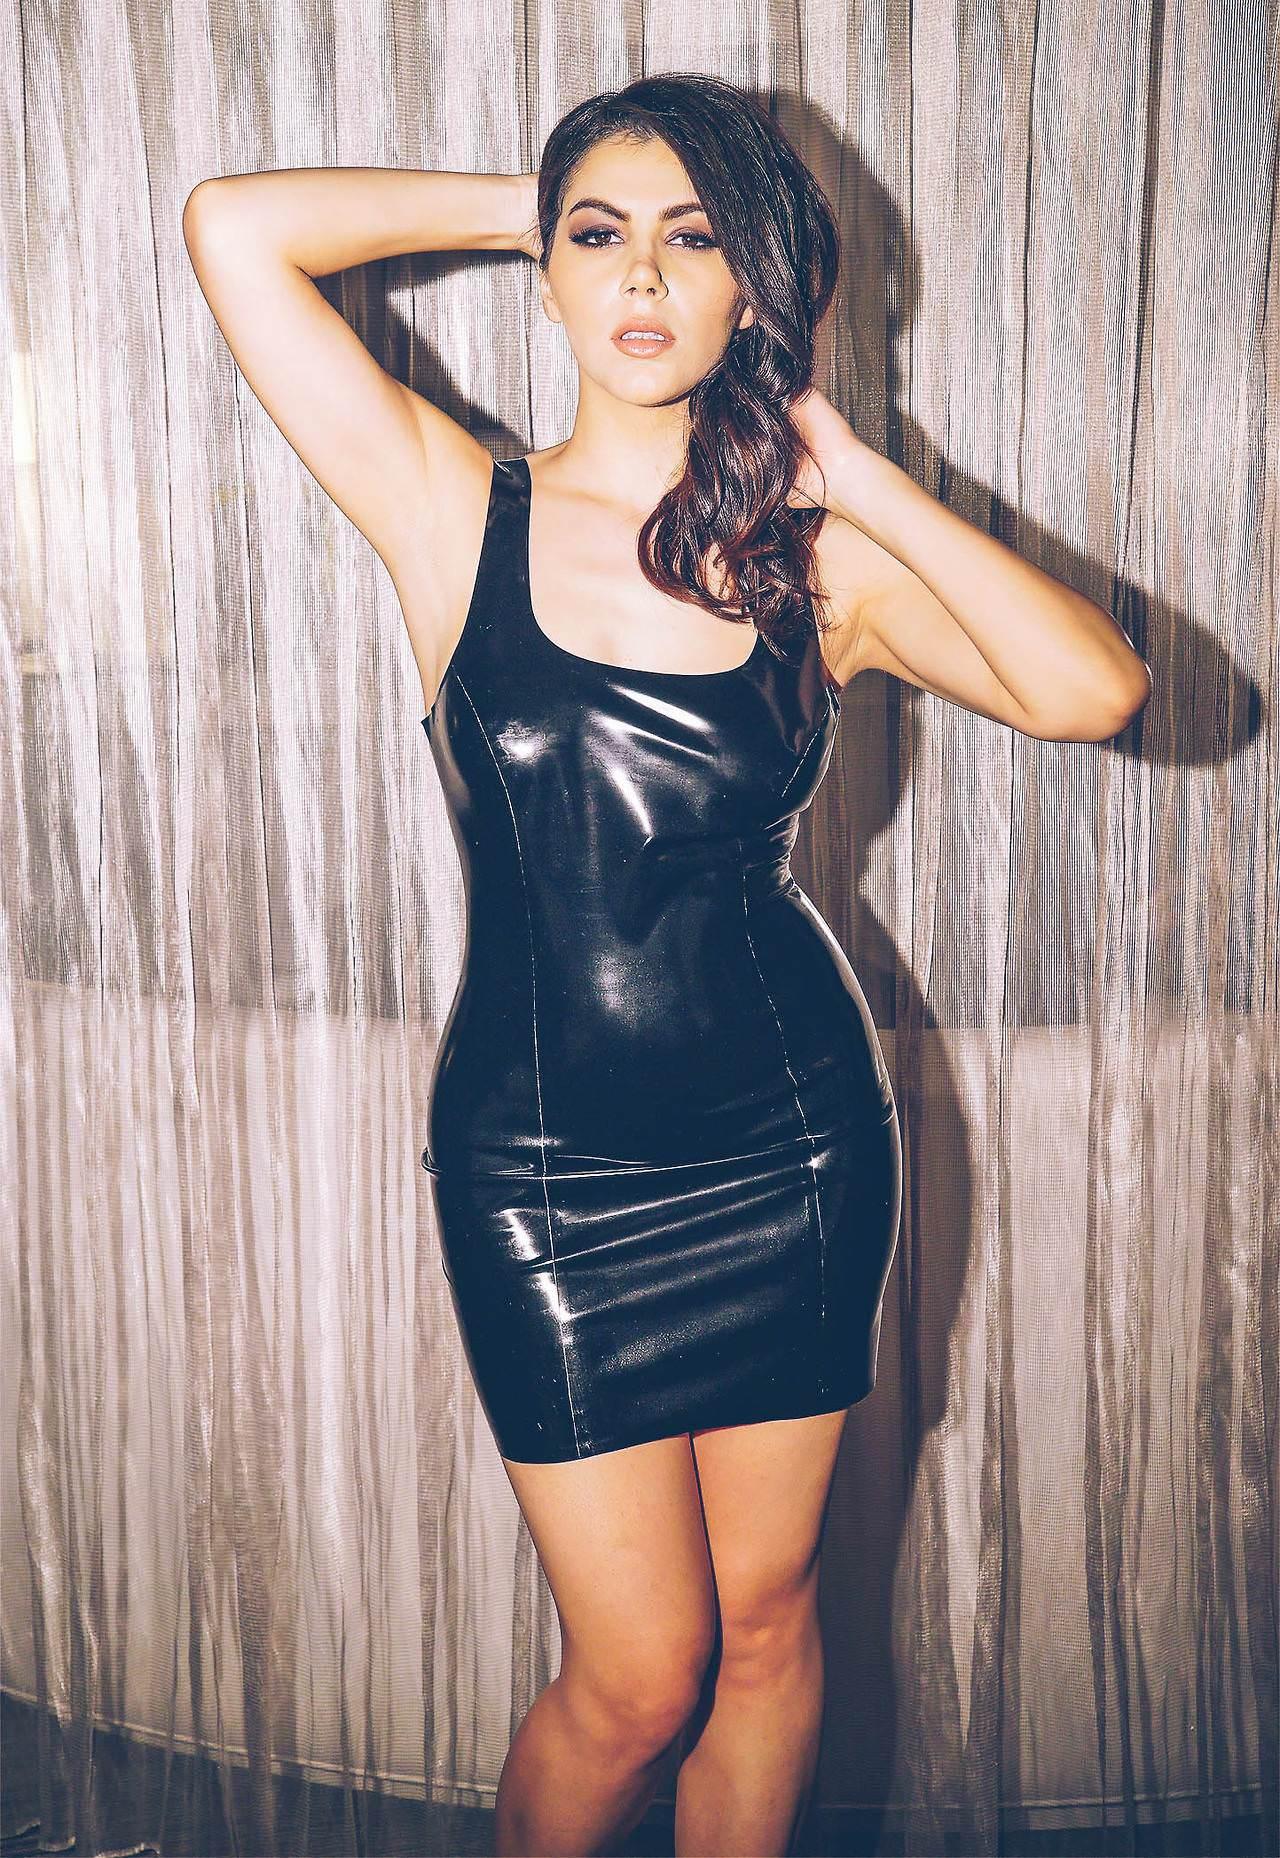 Actress Valentina Nappi Hot